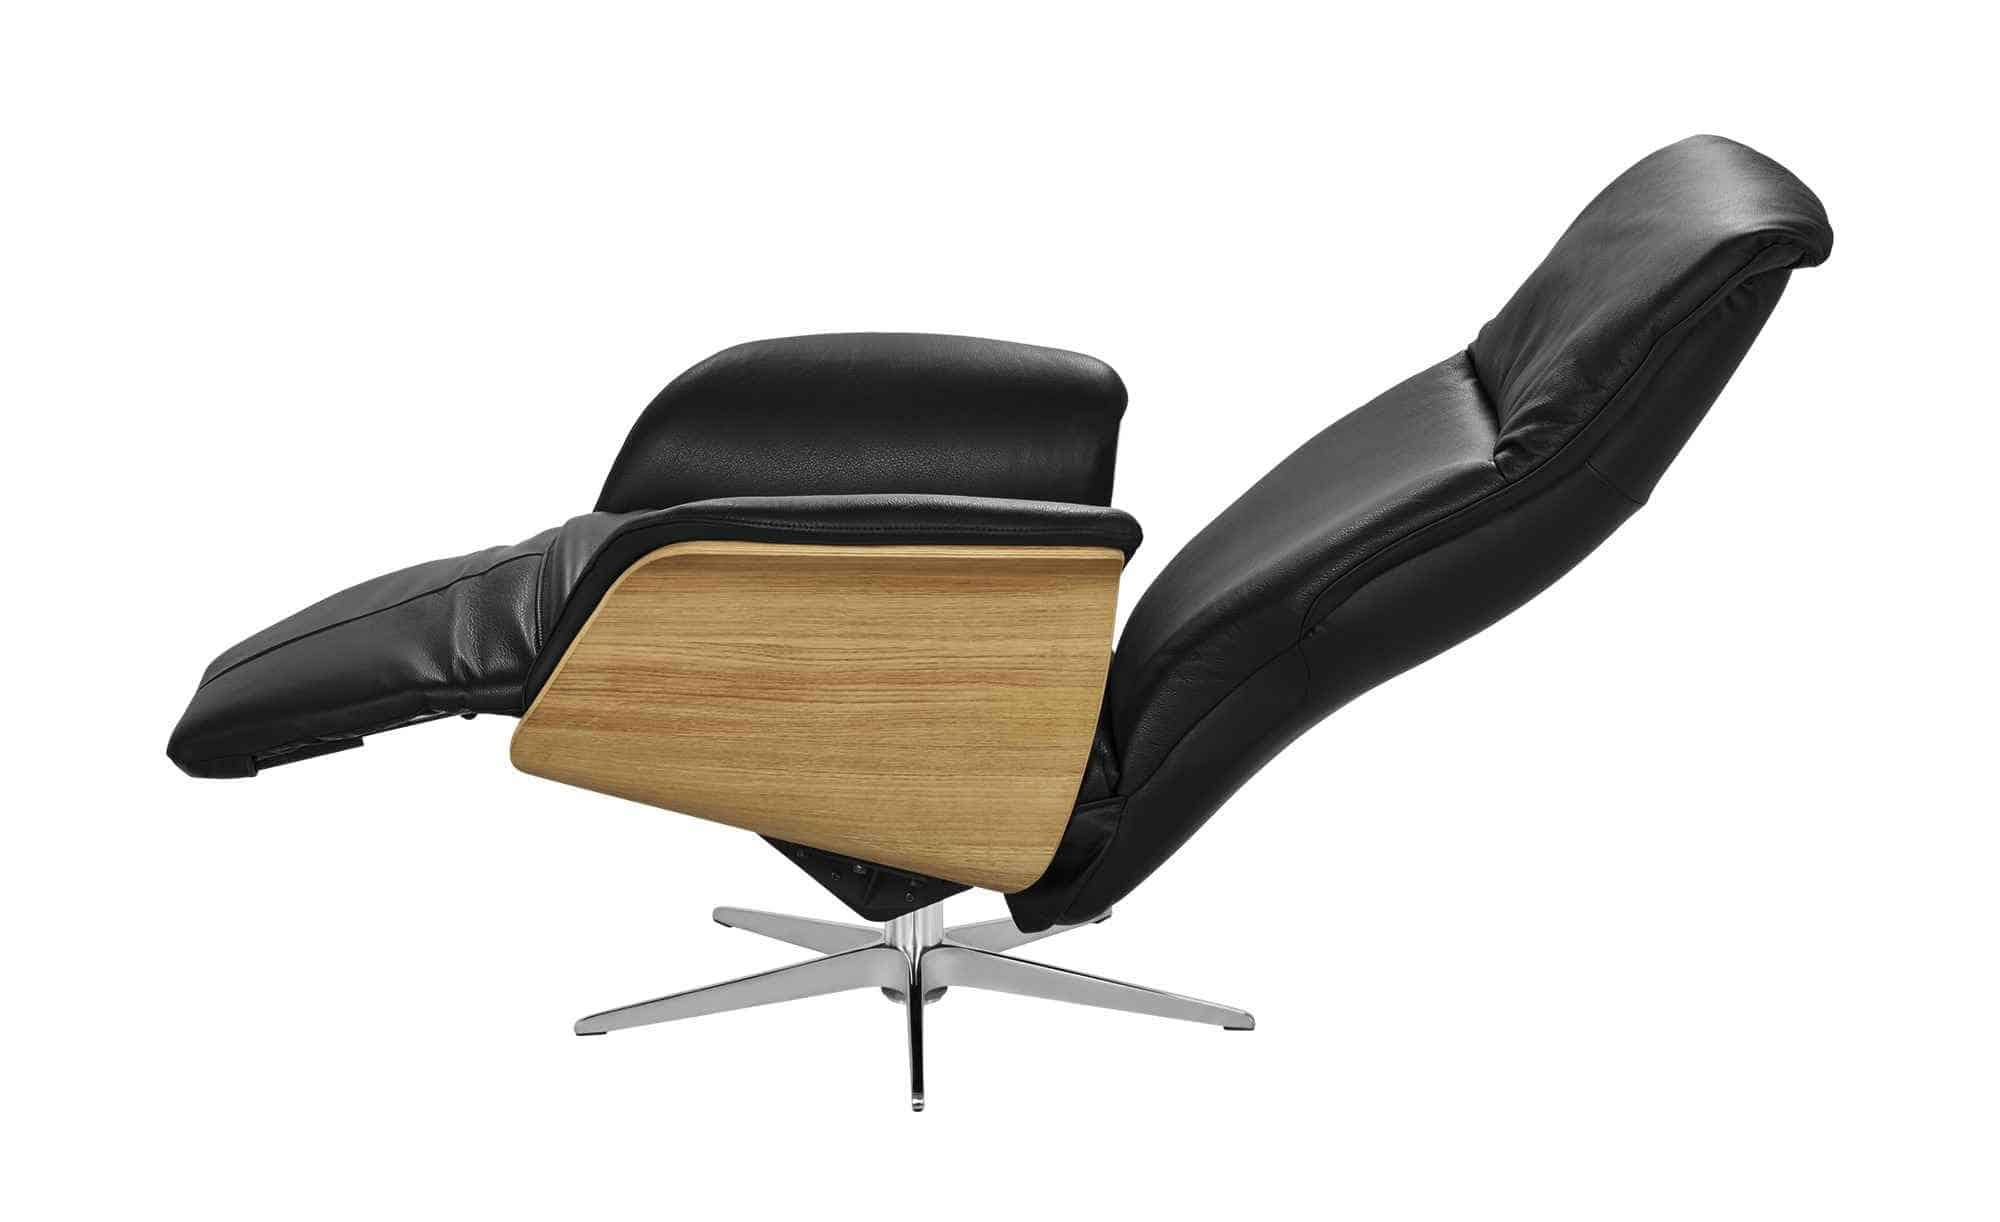 Fauteuils Relax Stoel.Relaxstoel Zowel Goedkope Als Moderne Aanbiedingen Flakko